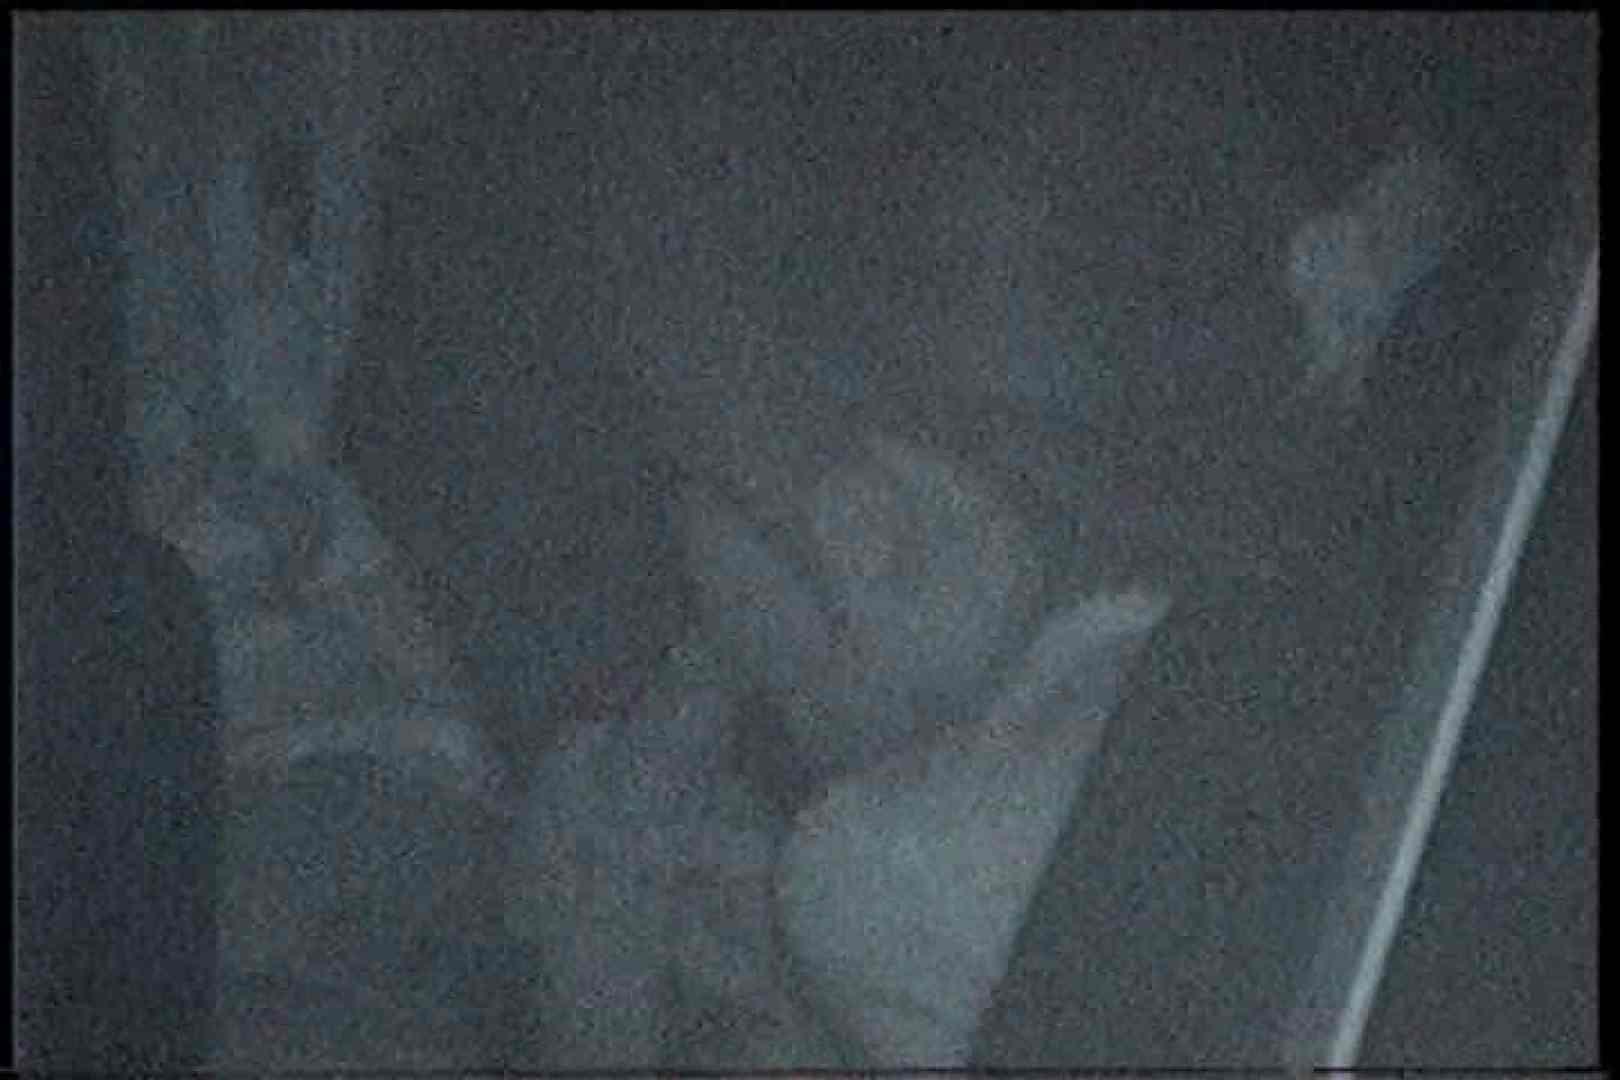 充血監督の深夜の運動会Vol.198 チクビ   OLエロ画像  76PICs 58